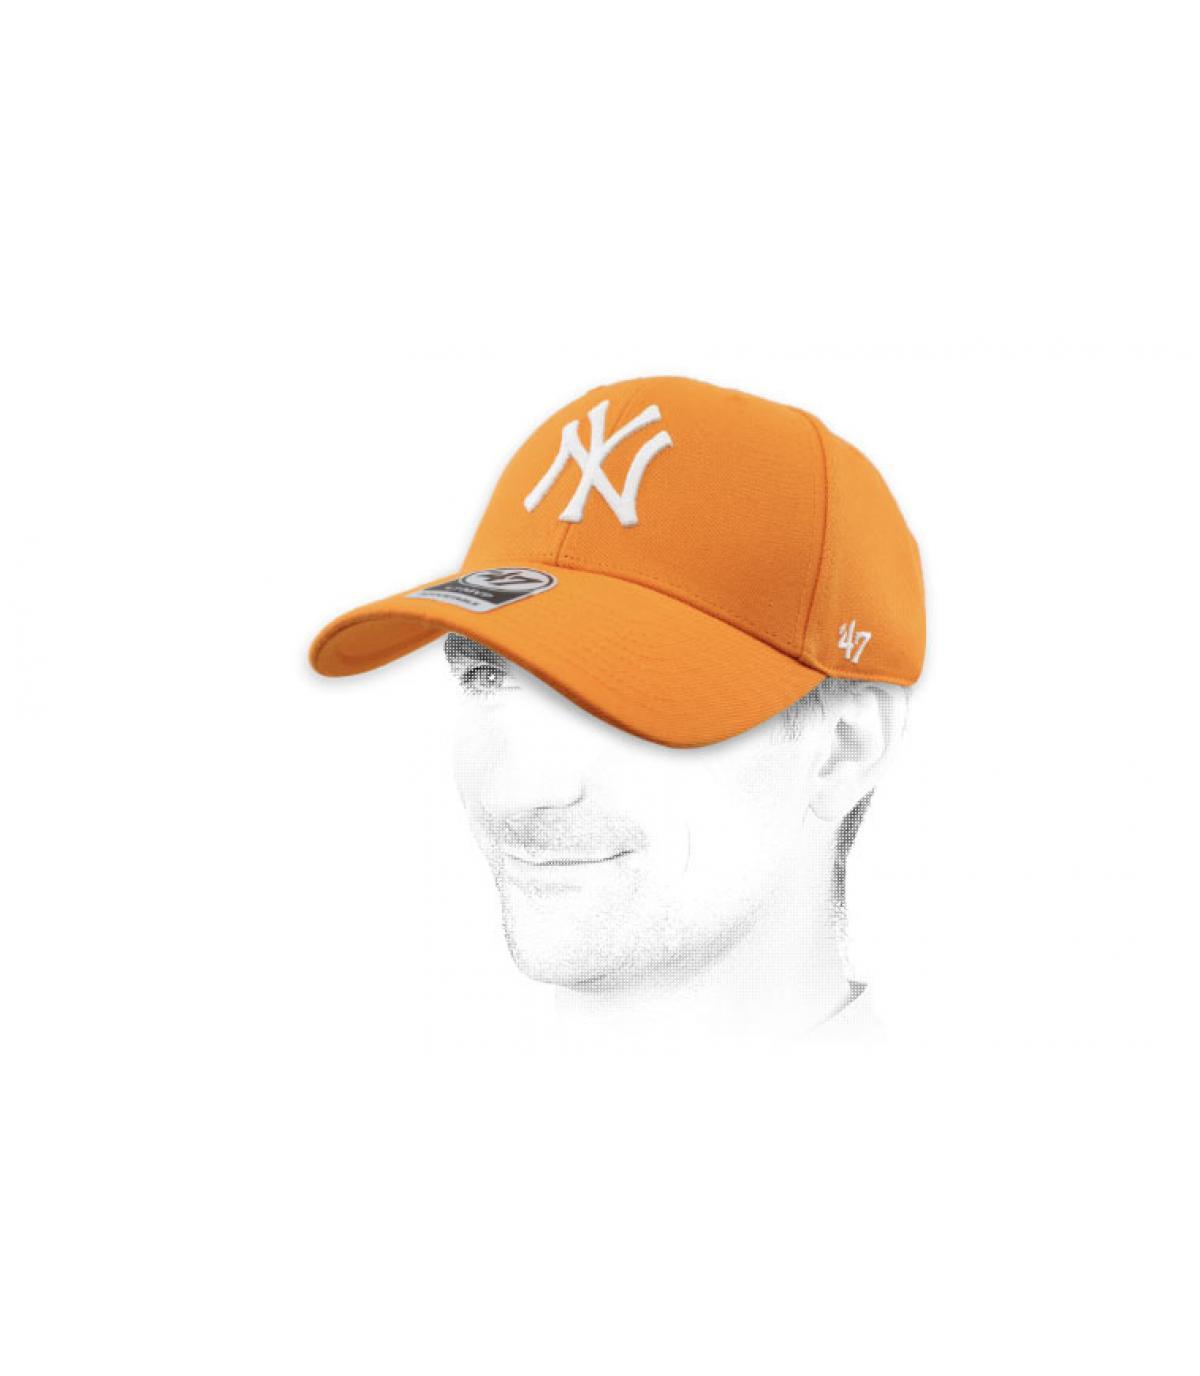 casquette NY orange47